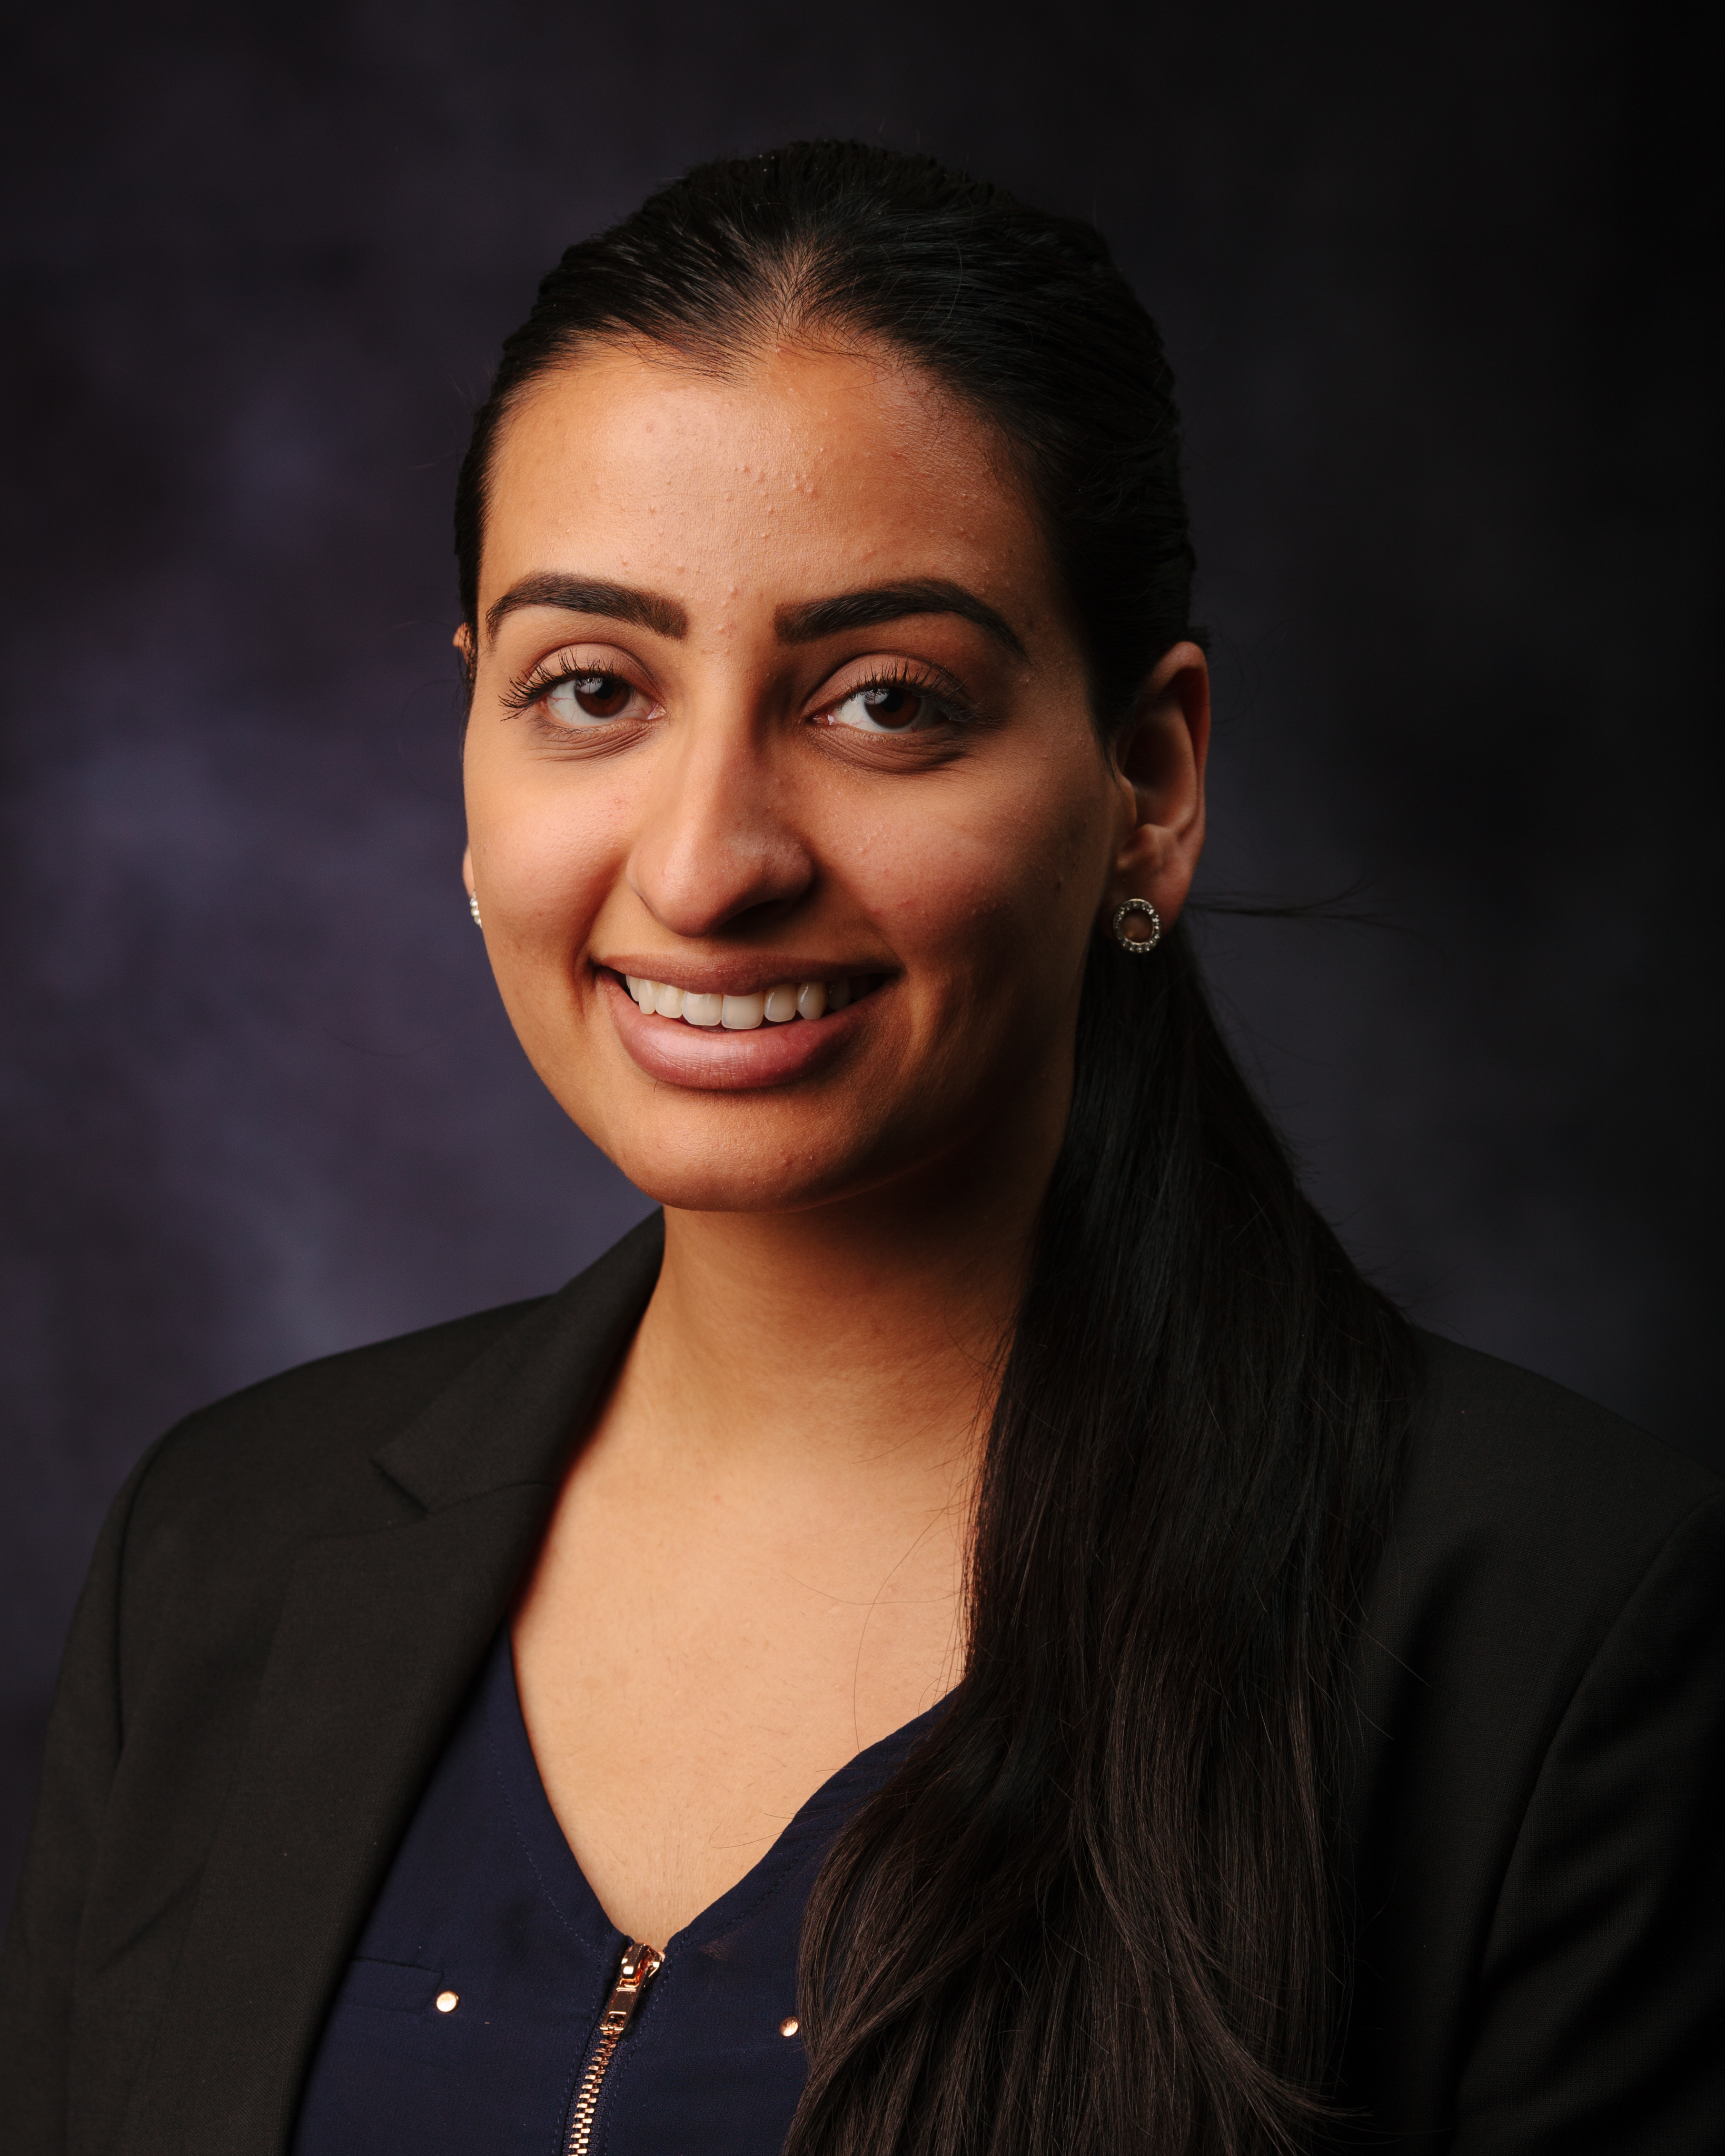 Optometry Ambassador Photo